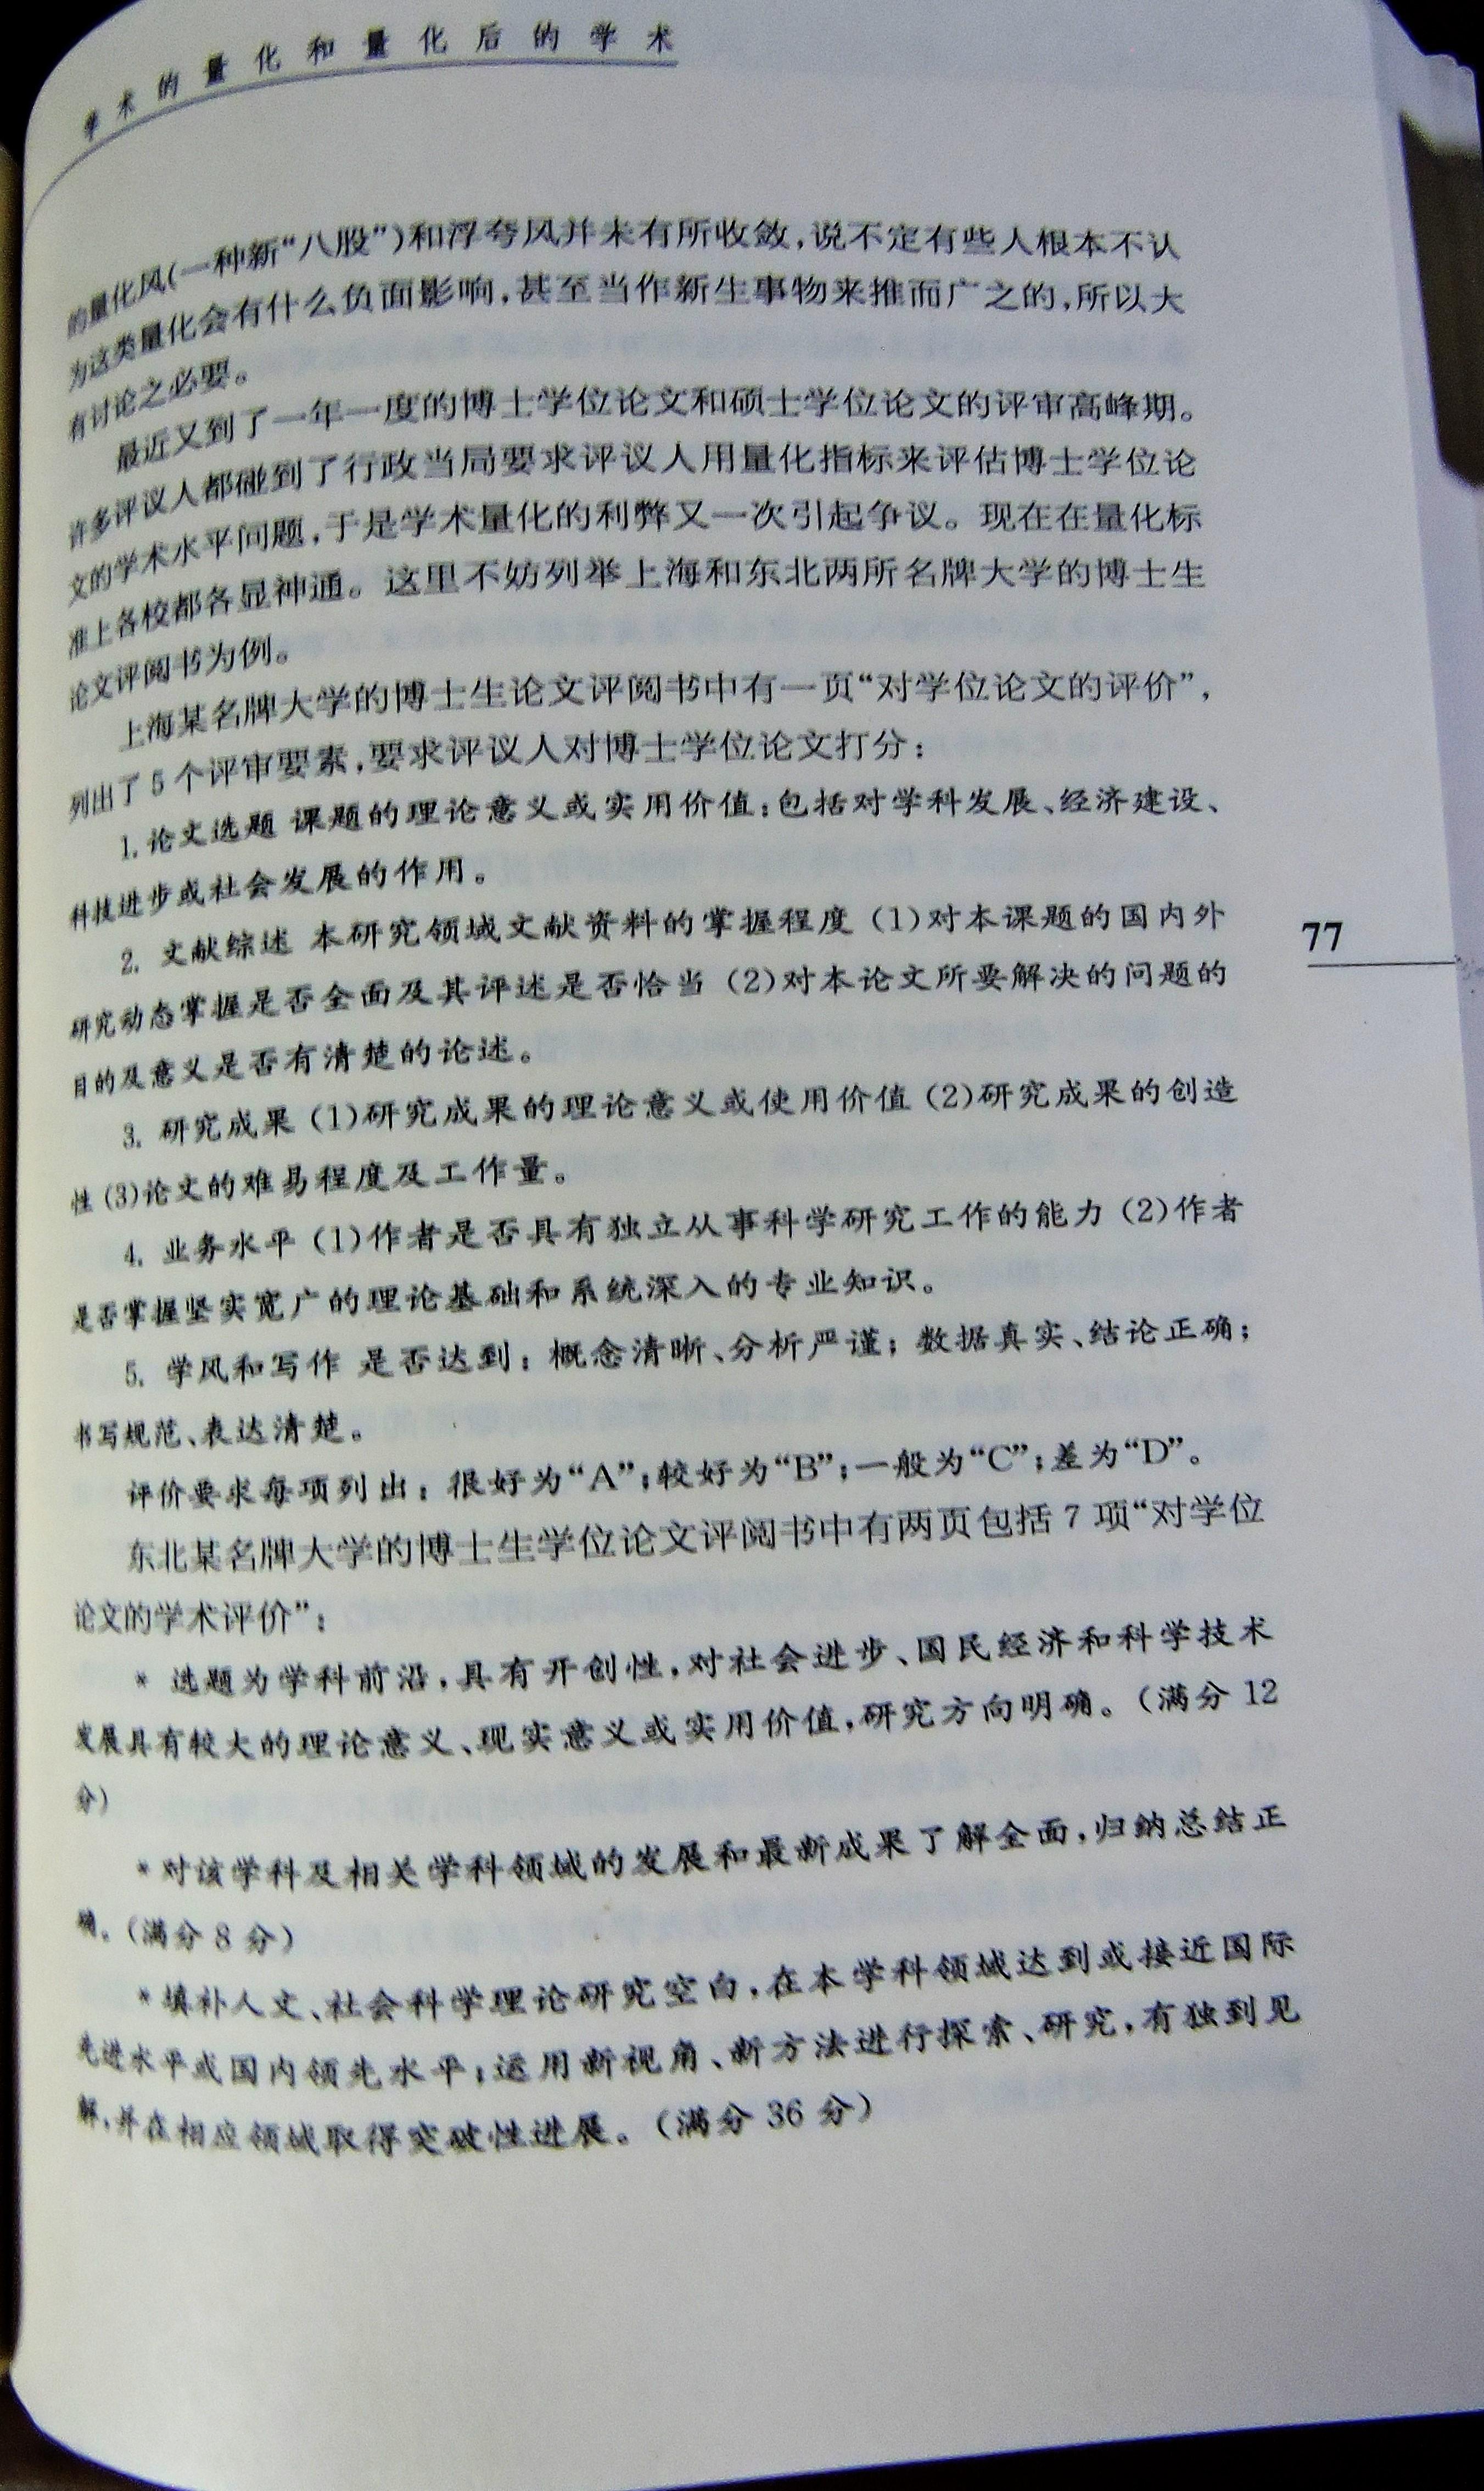 2 DSCN8614.jpg